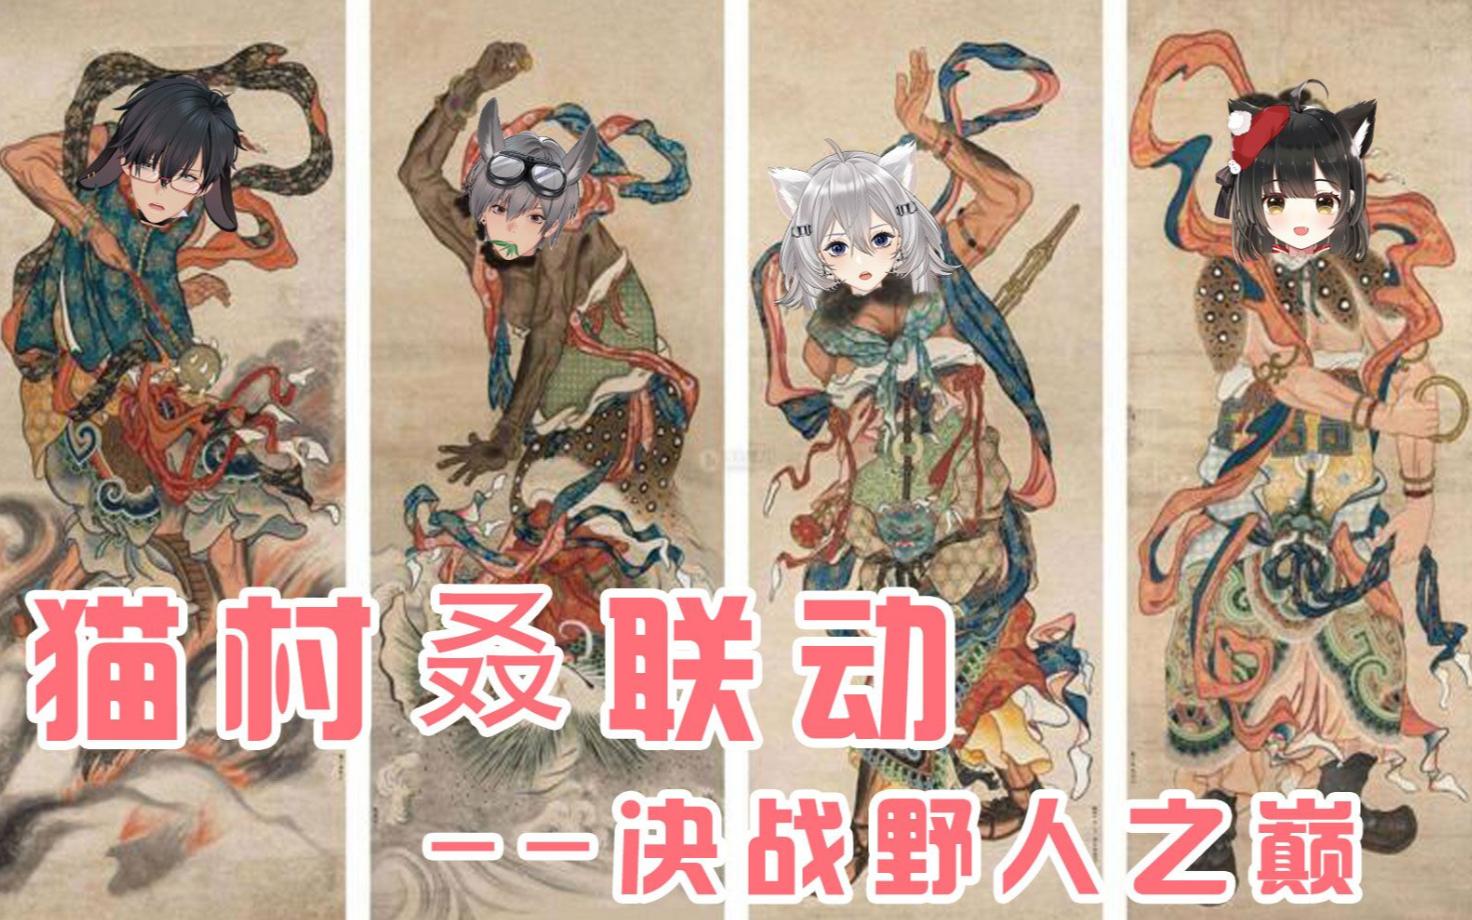 【猫村叒联动切片】——决战野人之巅……前的宁静